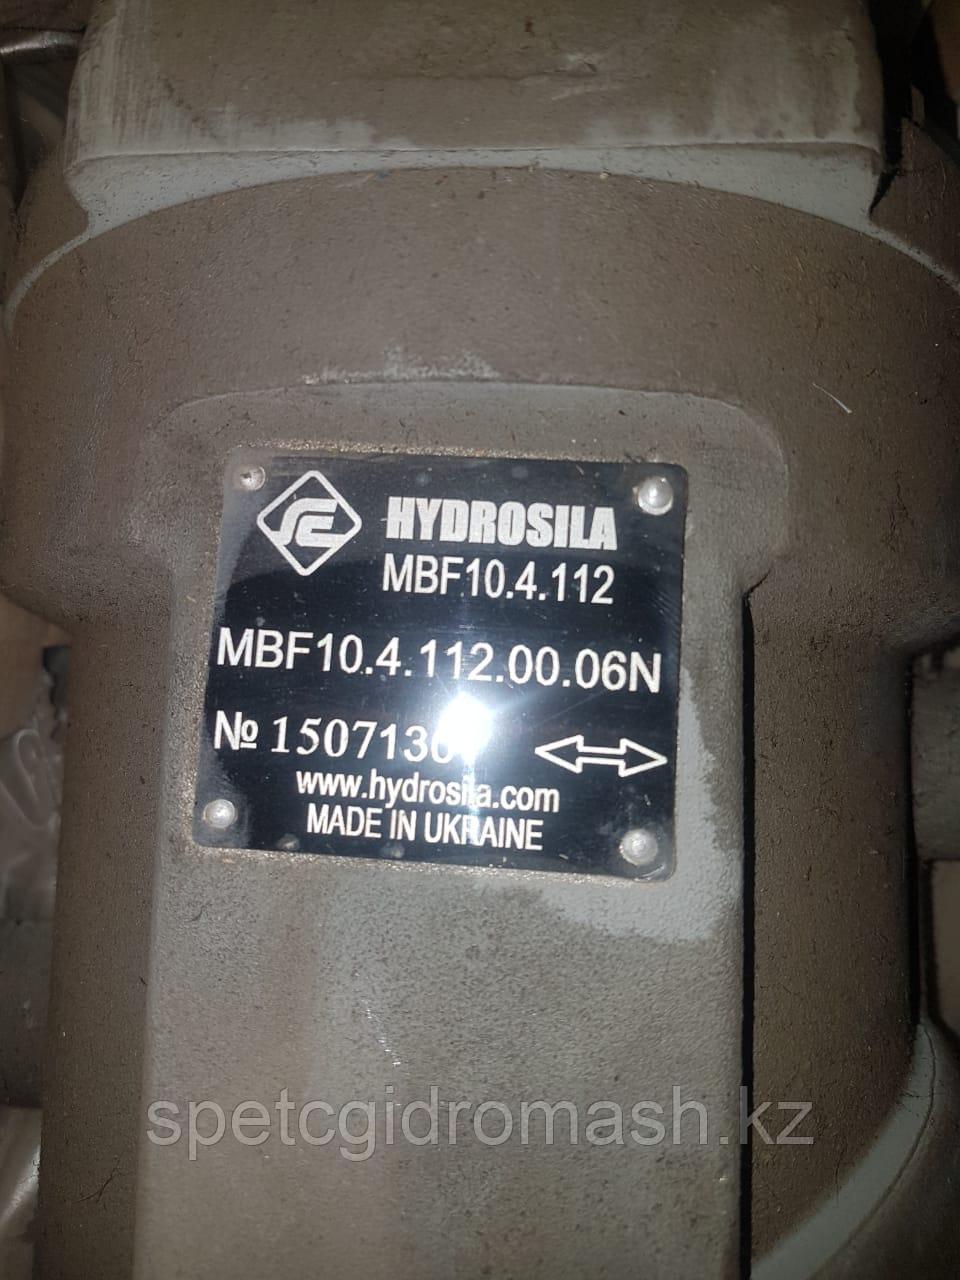 Гидромотор MBF10.4.112.00.06N аксиально-поршневой, нерегулируемый, вал шлиц., реверс